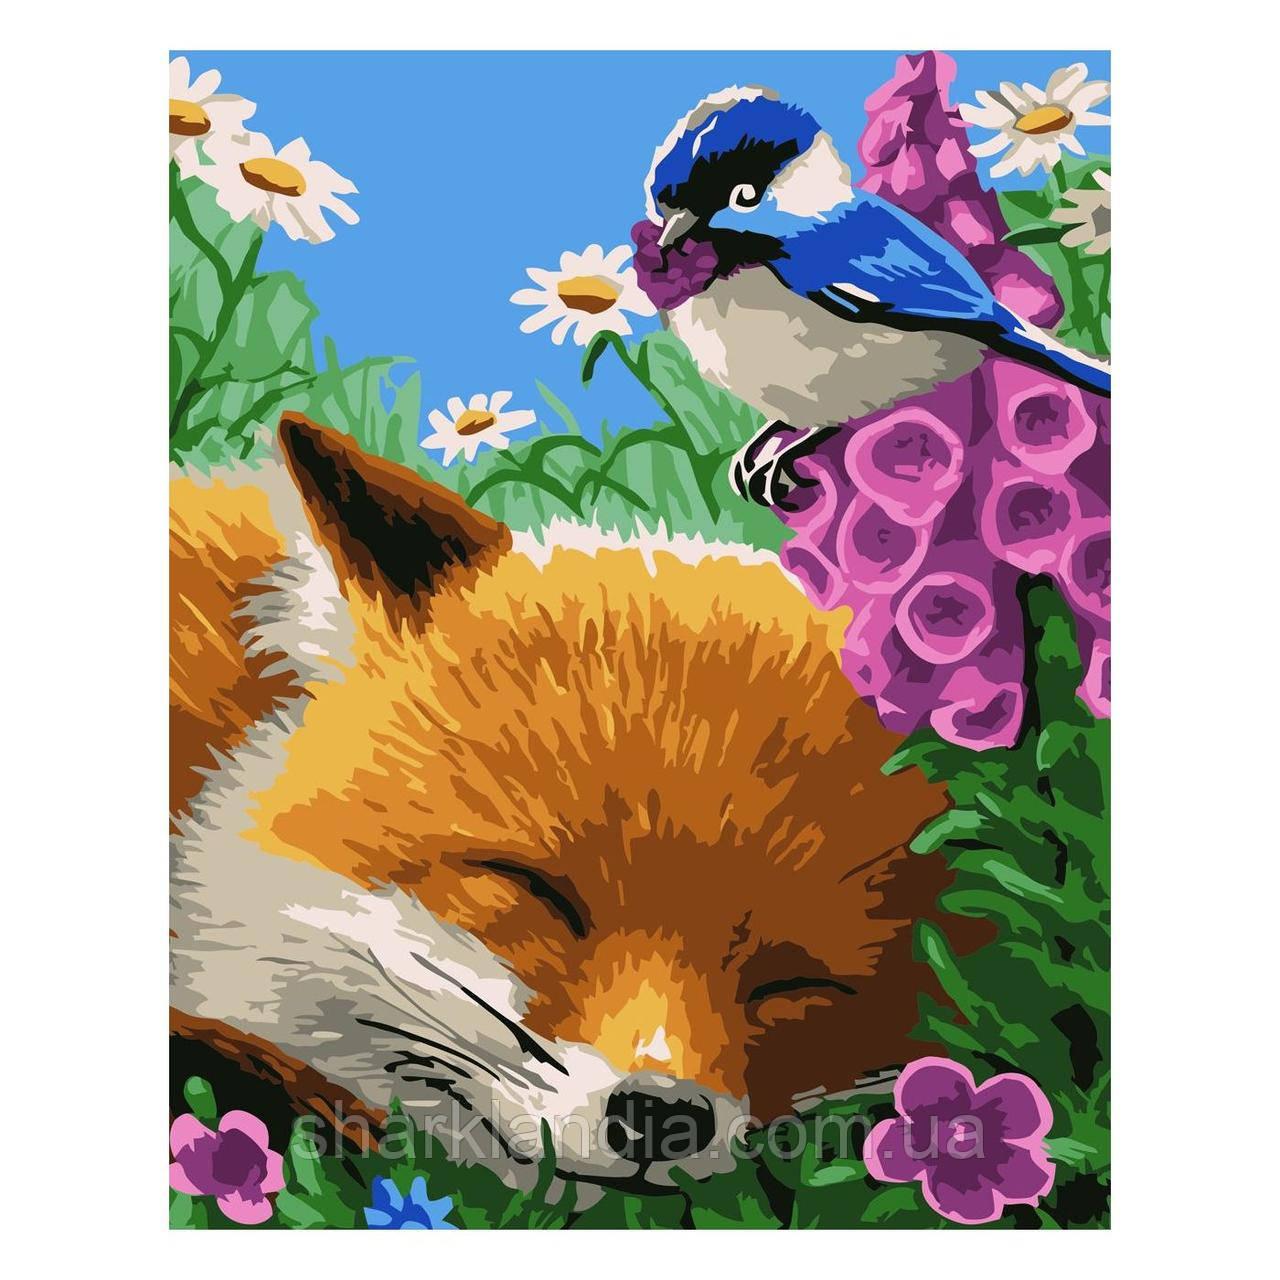 Картина по номерам Лис на отдыхе 30х40 см Strateg Раскраски